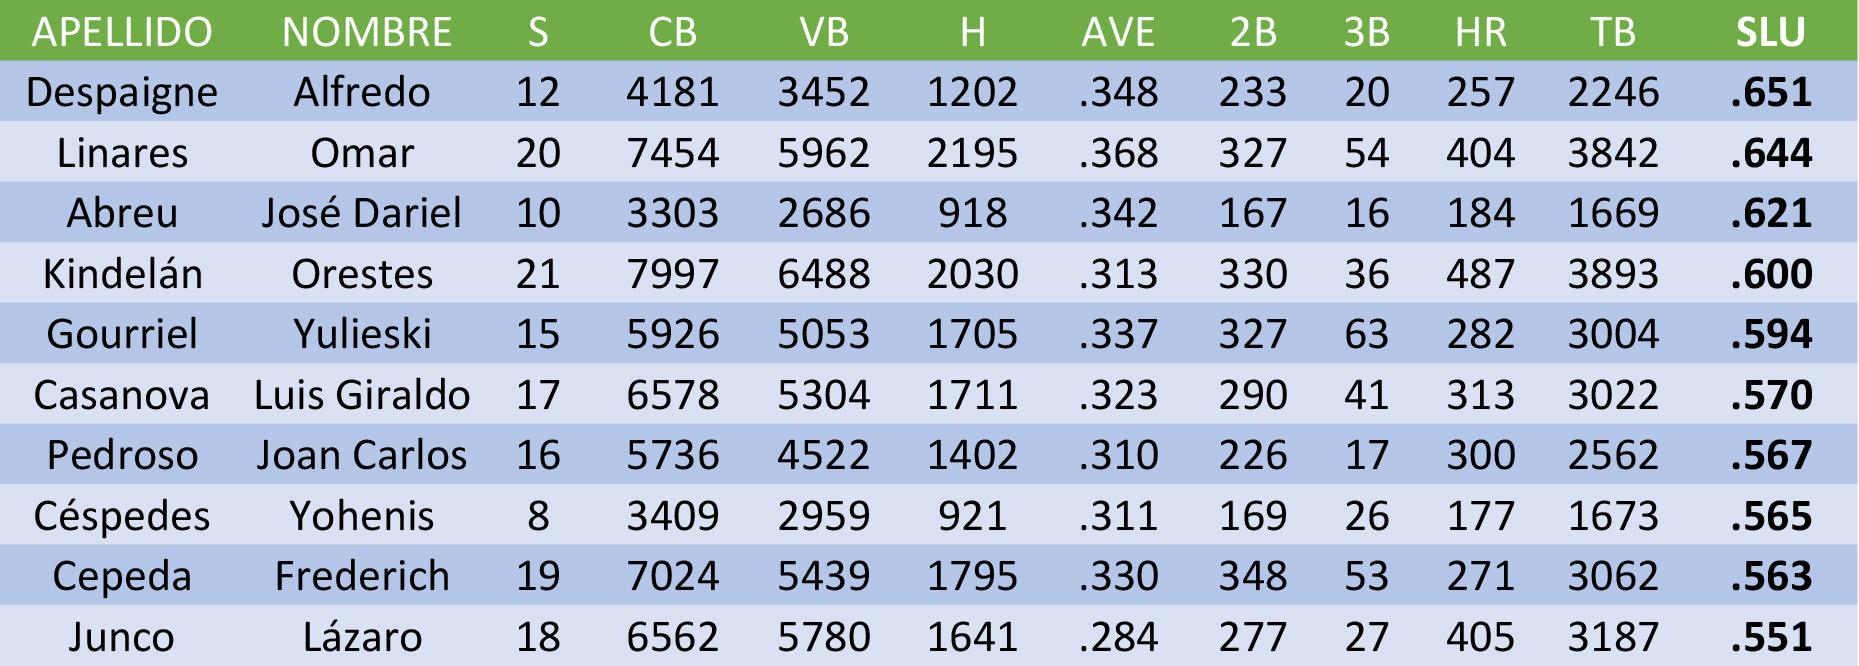 Los 10 mejores en el Slugging en Series Nacionales de Béisbol. Estadísticas: Ing. José Antonio Pérez.